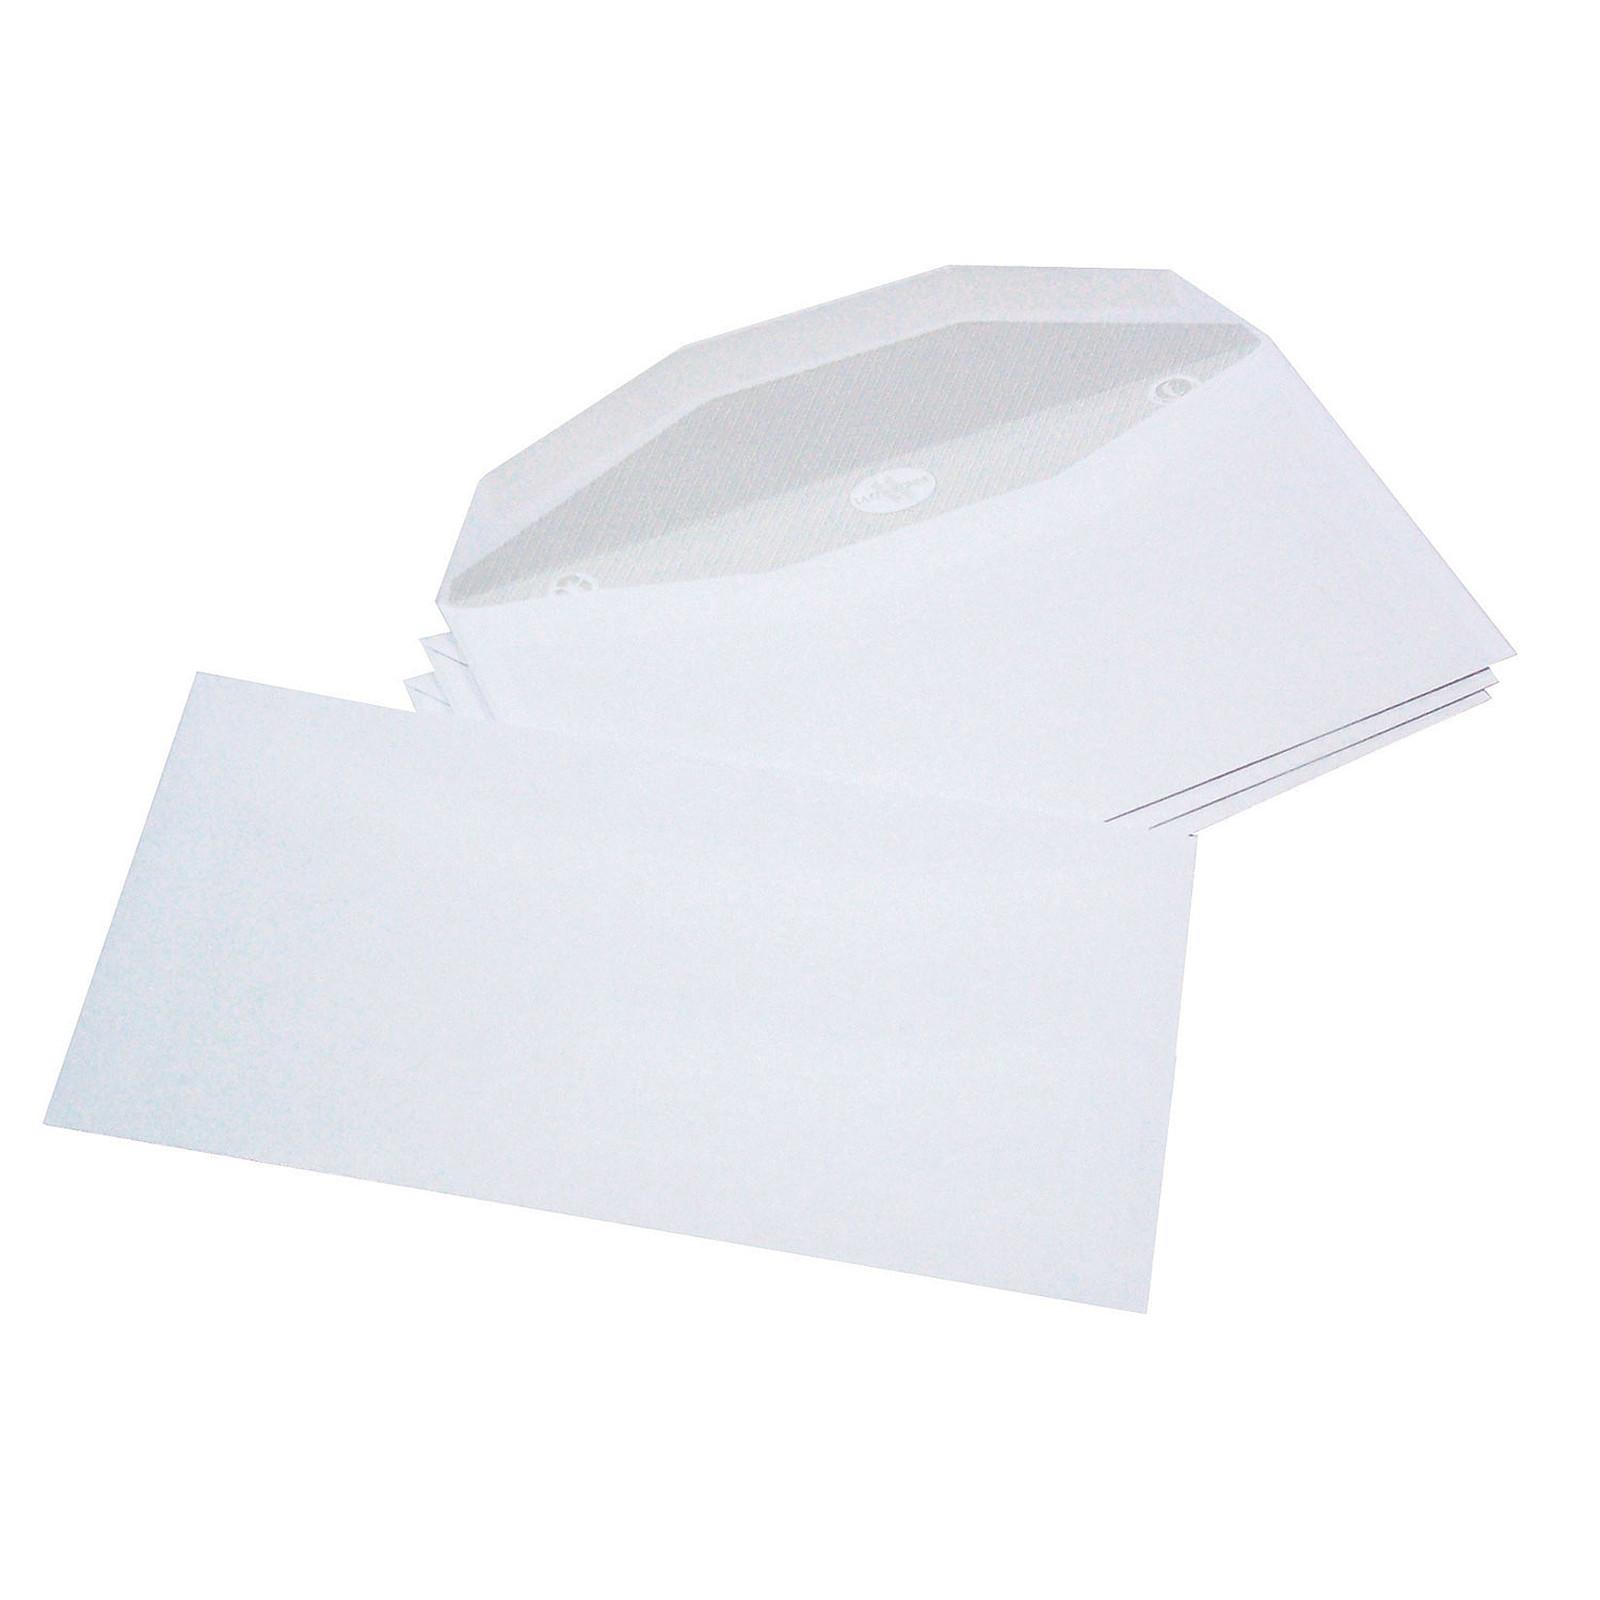 La Couronne Enveloppes mécanisables114x229 mm